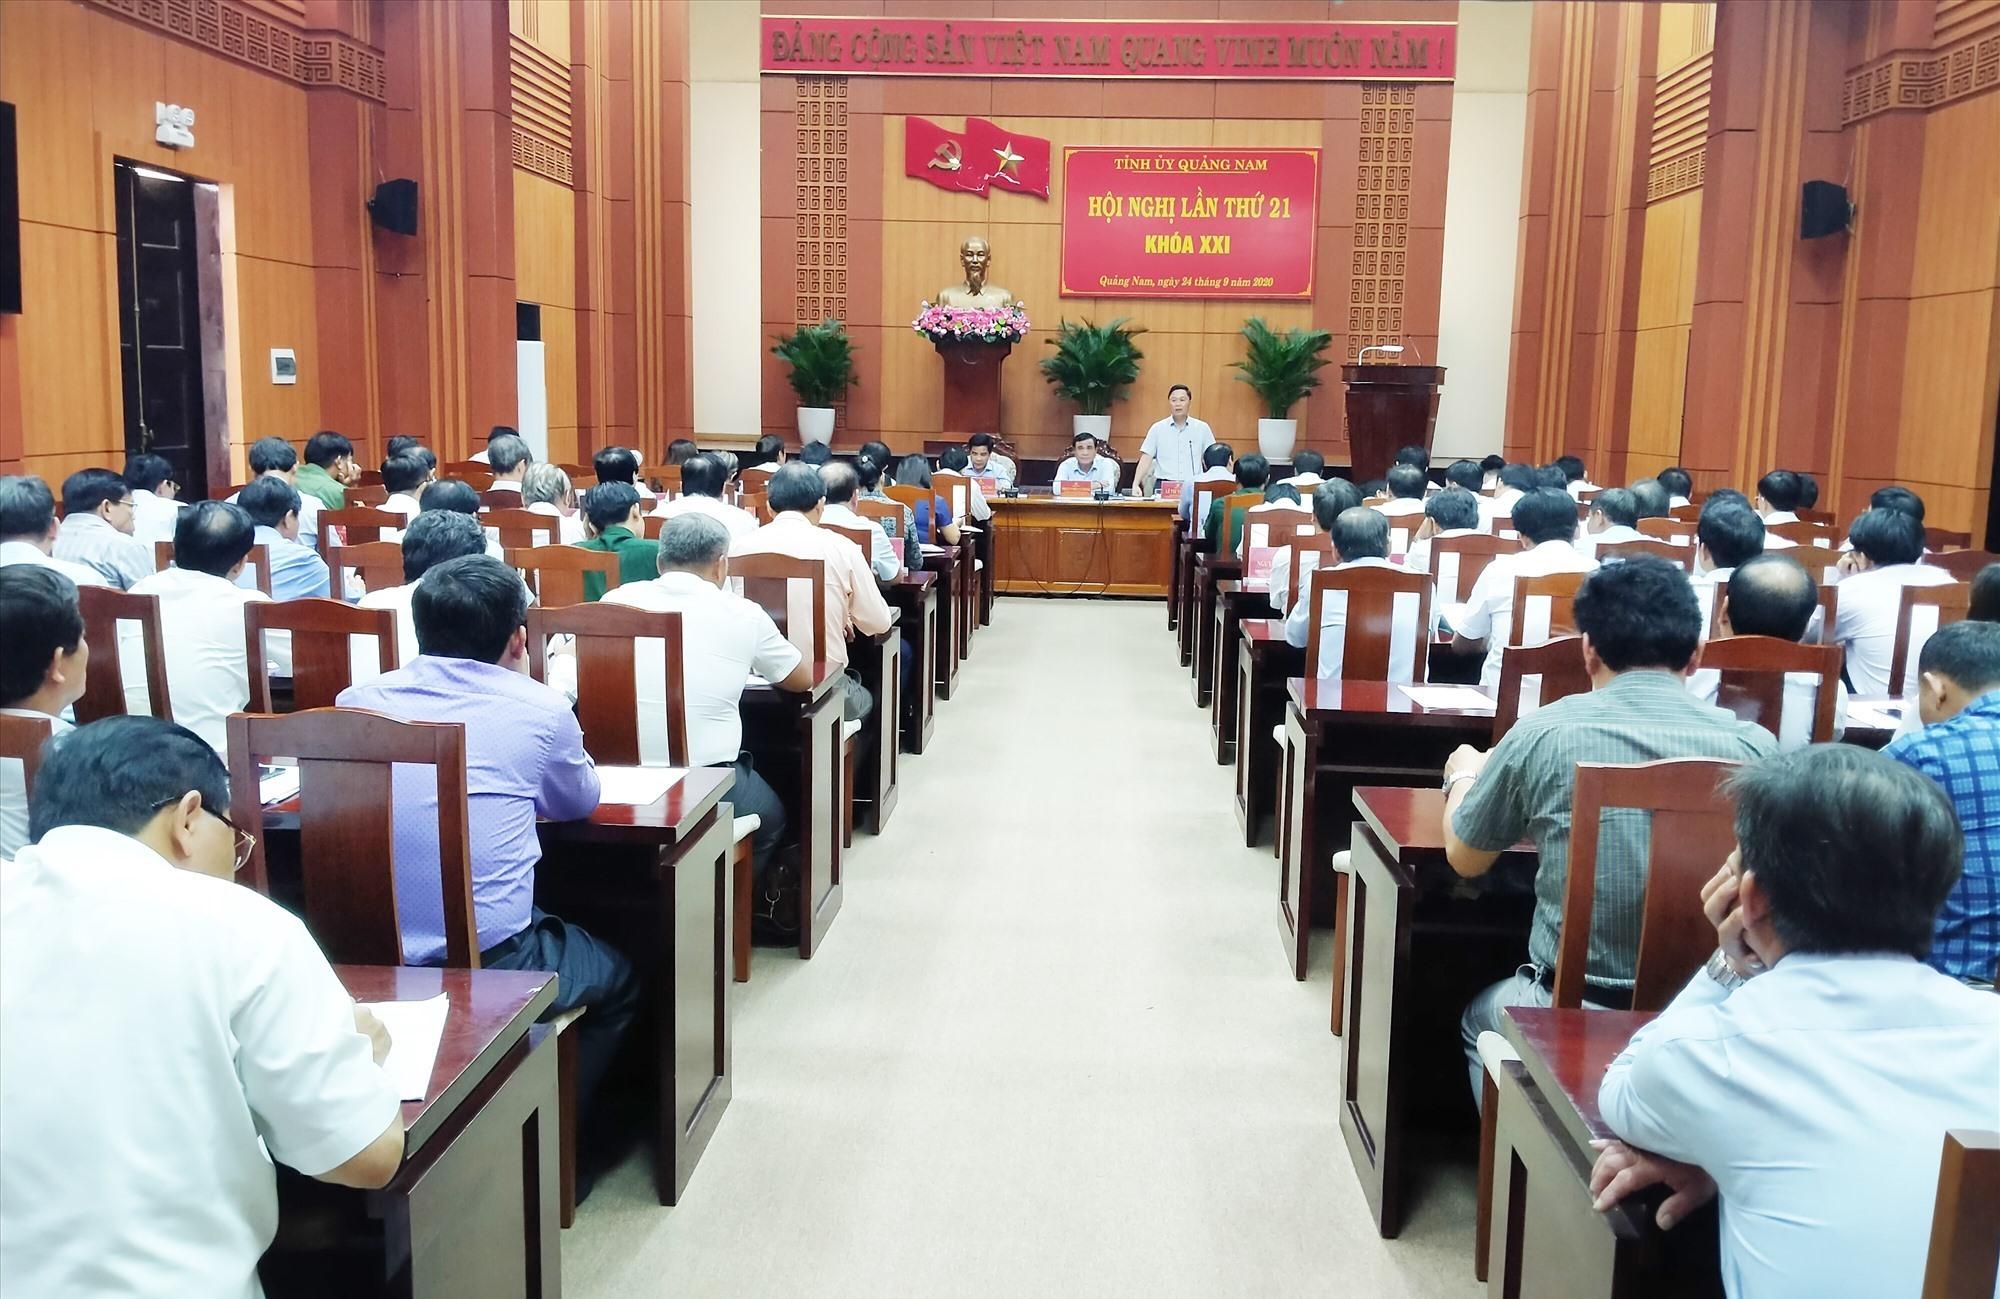 Các đồng chí Thường trực Tỉnh ủy điều hành thảo luận tại hội nghị Tỉnh ủy lần thứ 21. Ảnh: N.Đ